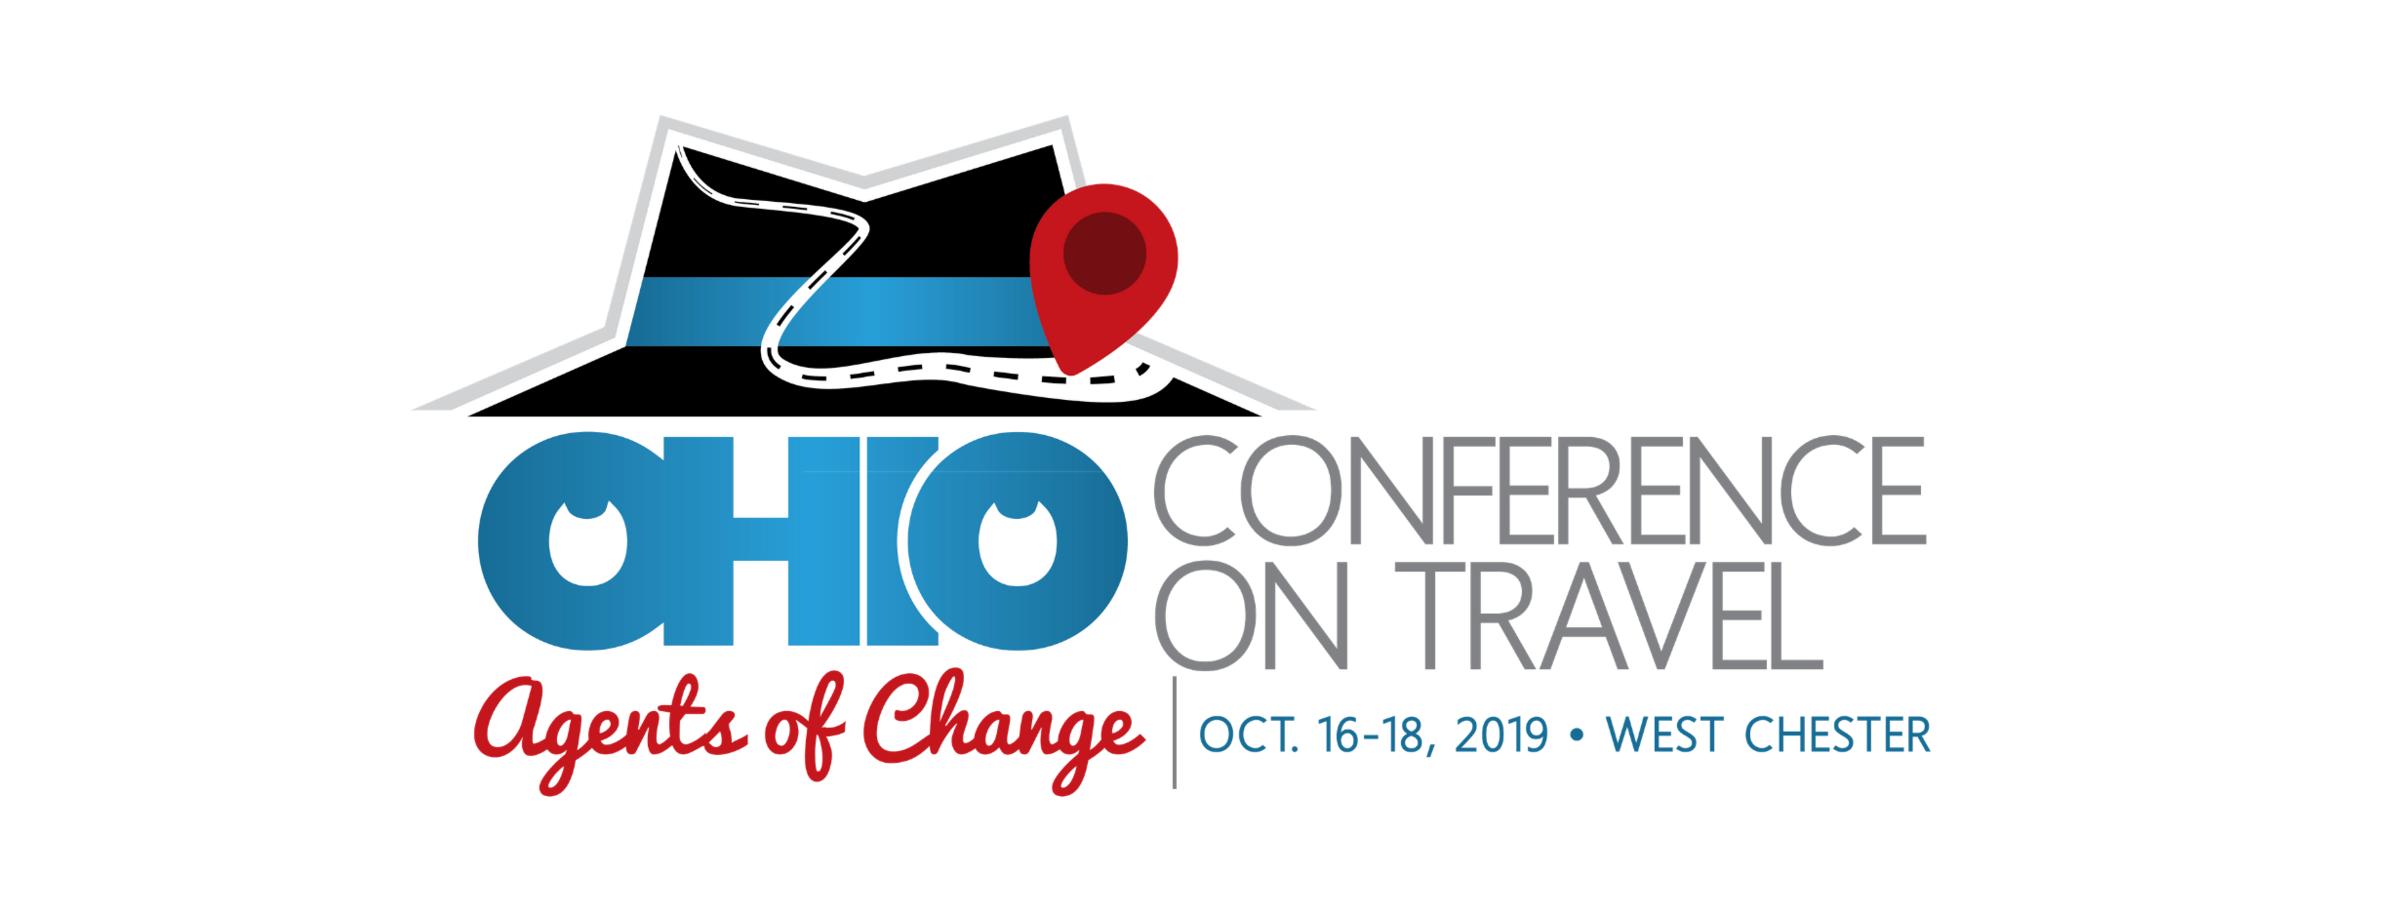 Register for the 2019 Focus on Tourism Workshops